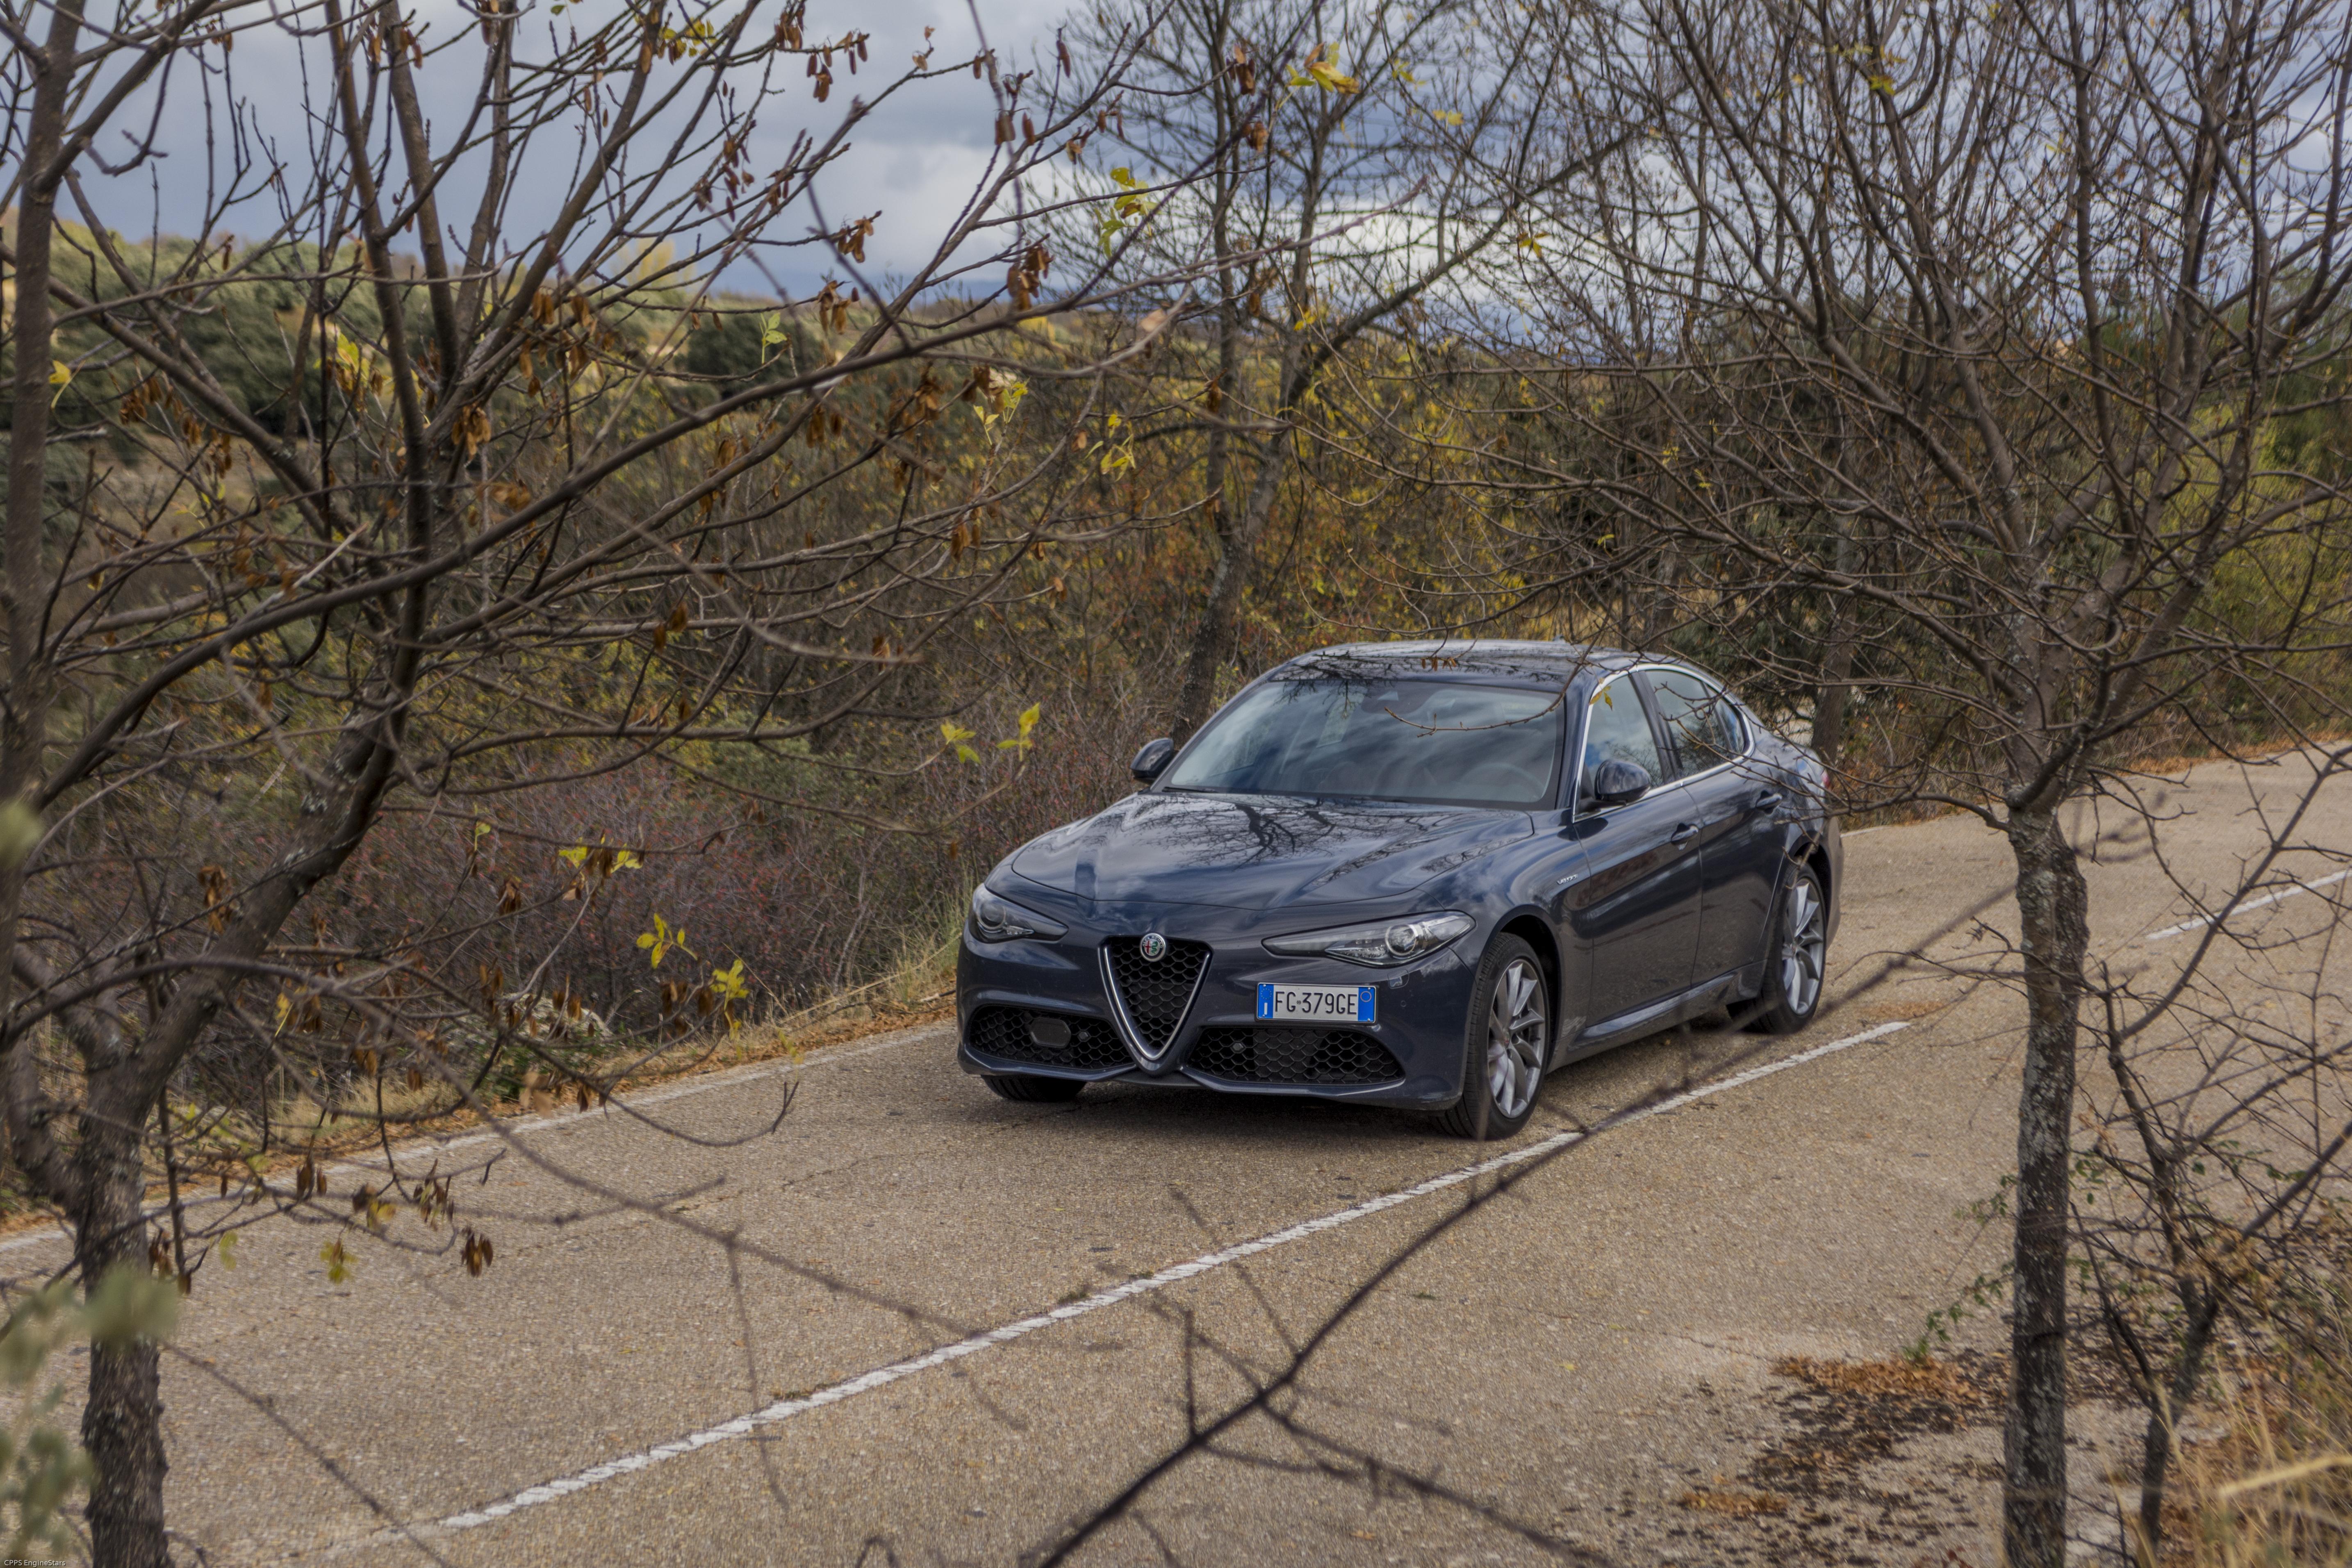 Alfa Romeo Giulia, regreso a los buenos tiempos